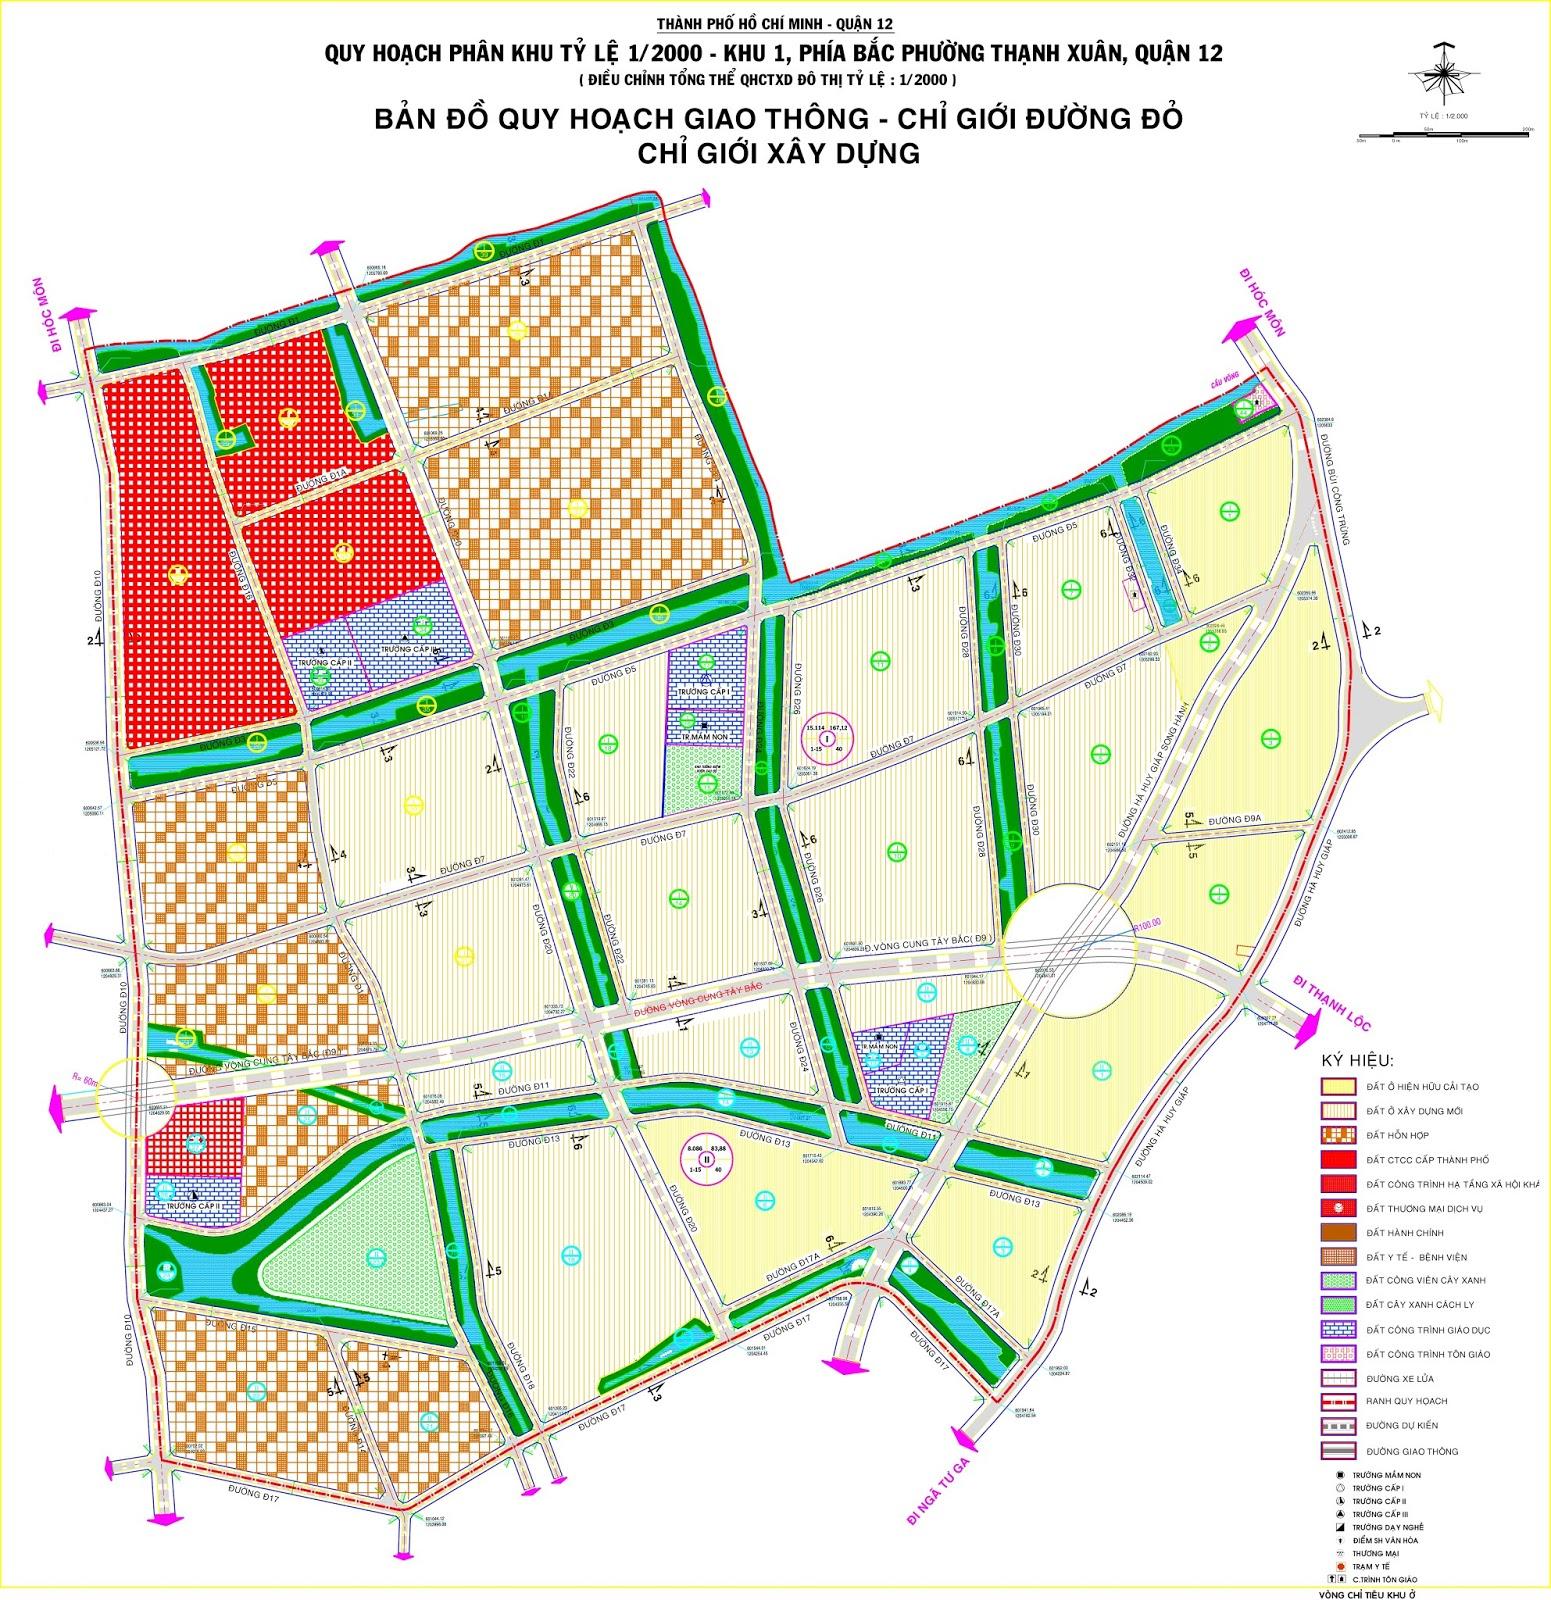 Bản đồ quy hoạch phường Thạnh Xuân, quận 12